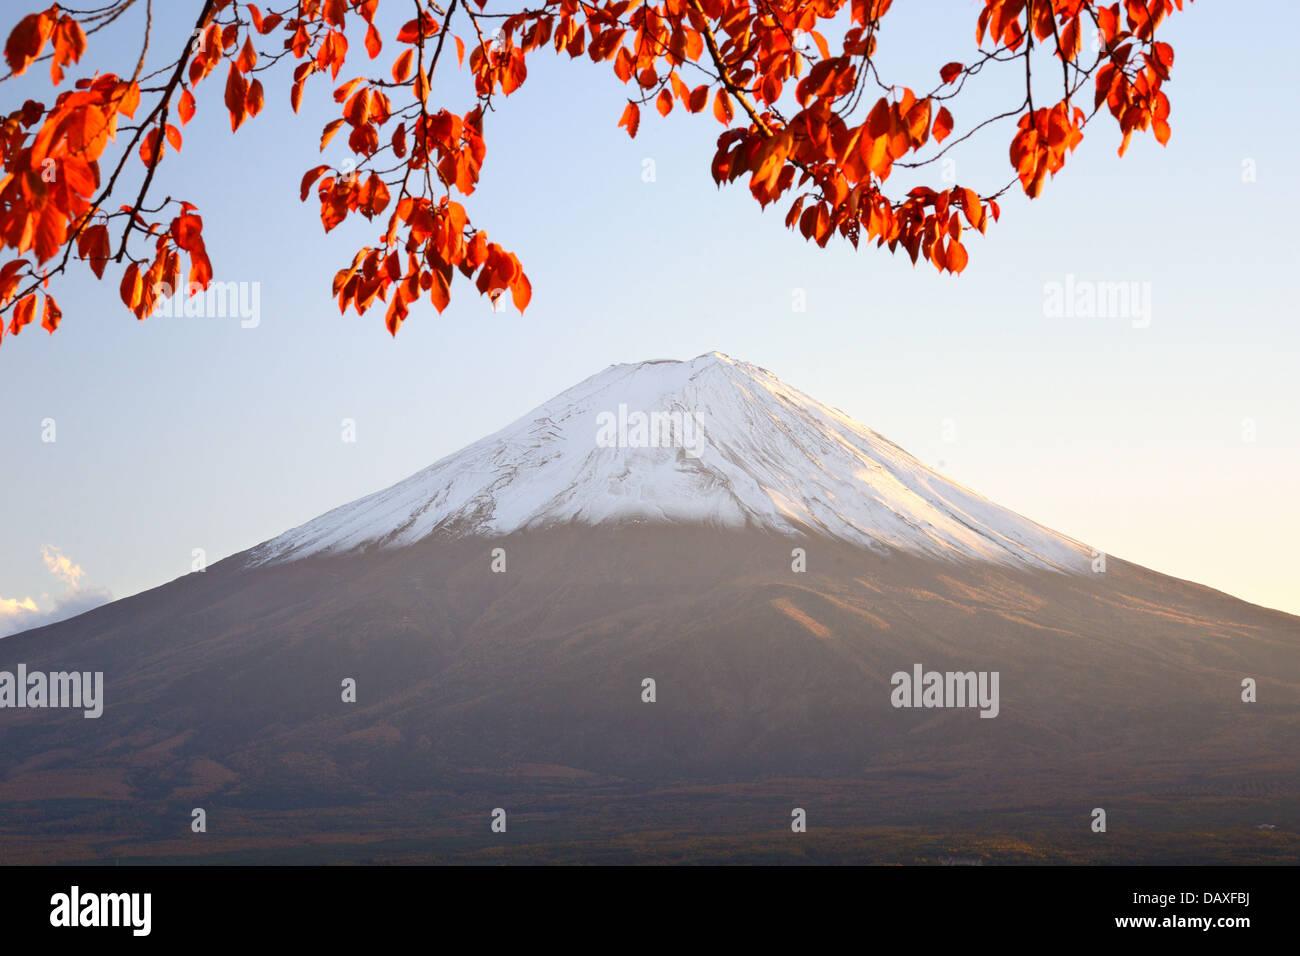 Mt. Fuji avec couleurs d'automne au Japon. Photo Stock